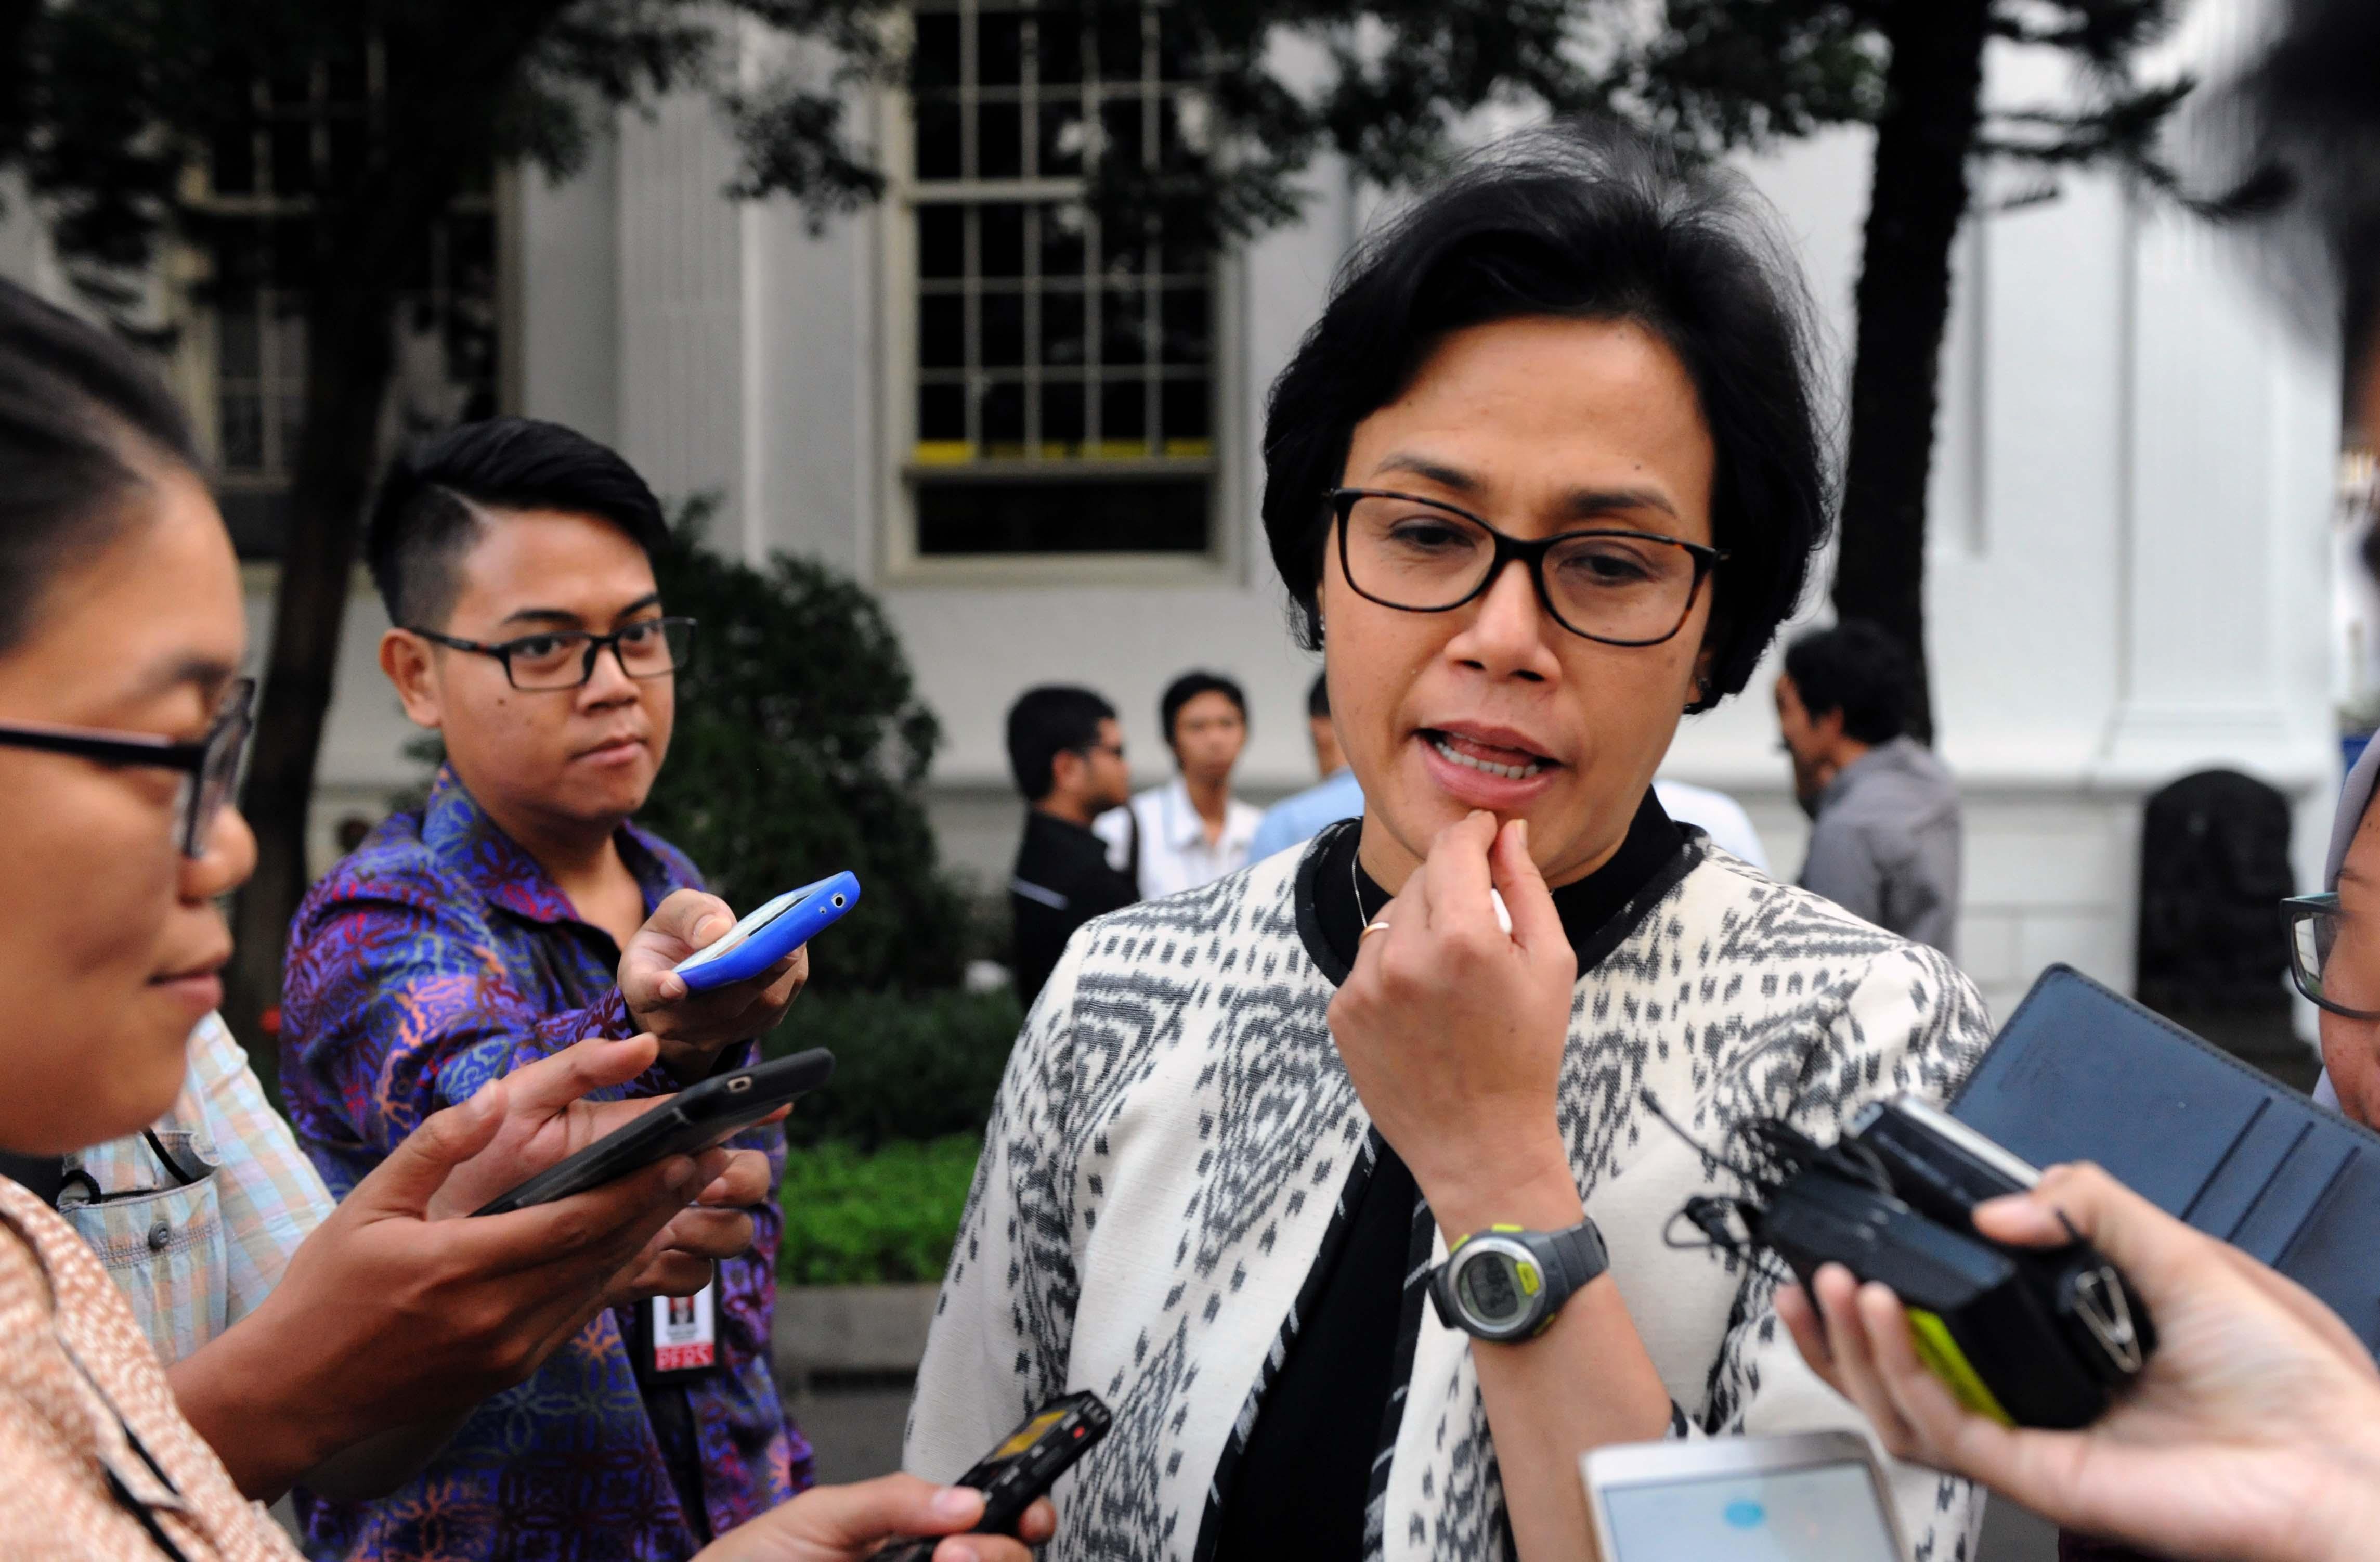 Menkeu, Sri Mulyani, menjawab pertanyaan wartawan usai mengikuti Sidang Kabinet Paripurna, di Istana Negara, Jakarta, Rabu (15/3) petang. (Foto: Humas/Jay)